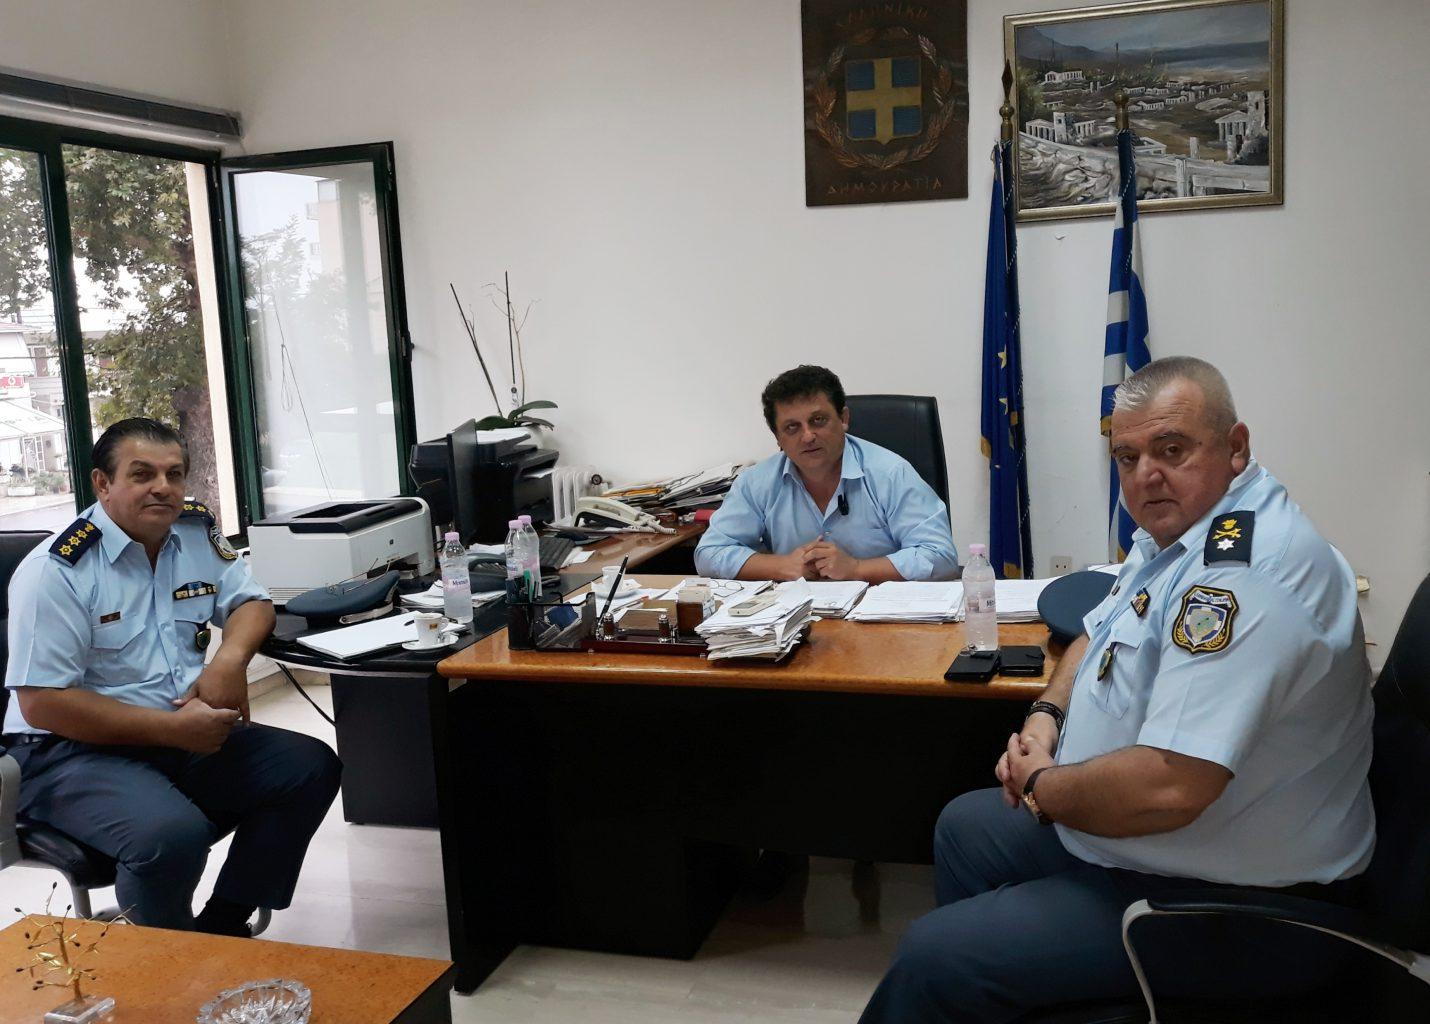 Αποτέλεσμα εικόνας για Συνάντηση του Δημάρχου Αλιάρτου – Θεσπιέων  Γ. Ντασιώτη με την ηγεσία της Αστυνομικής  Διεύθυνσης Βοιωτίας